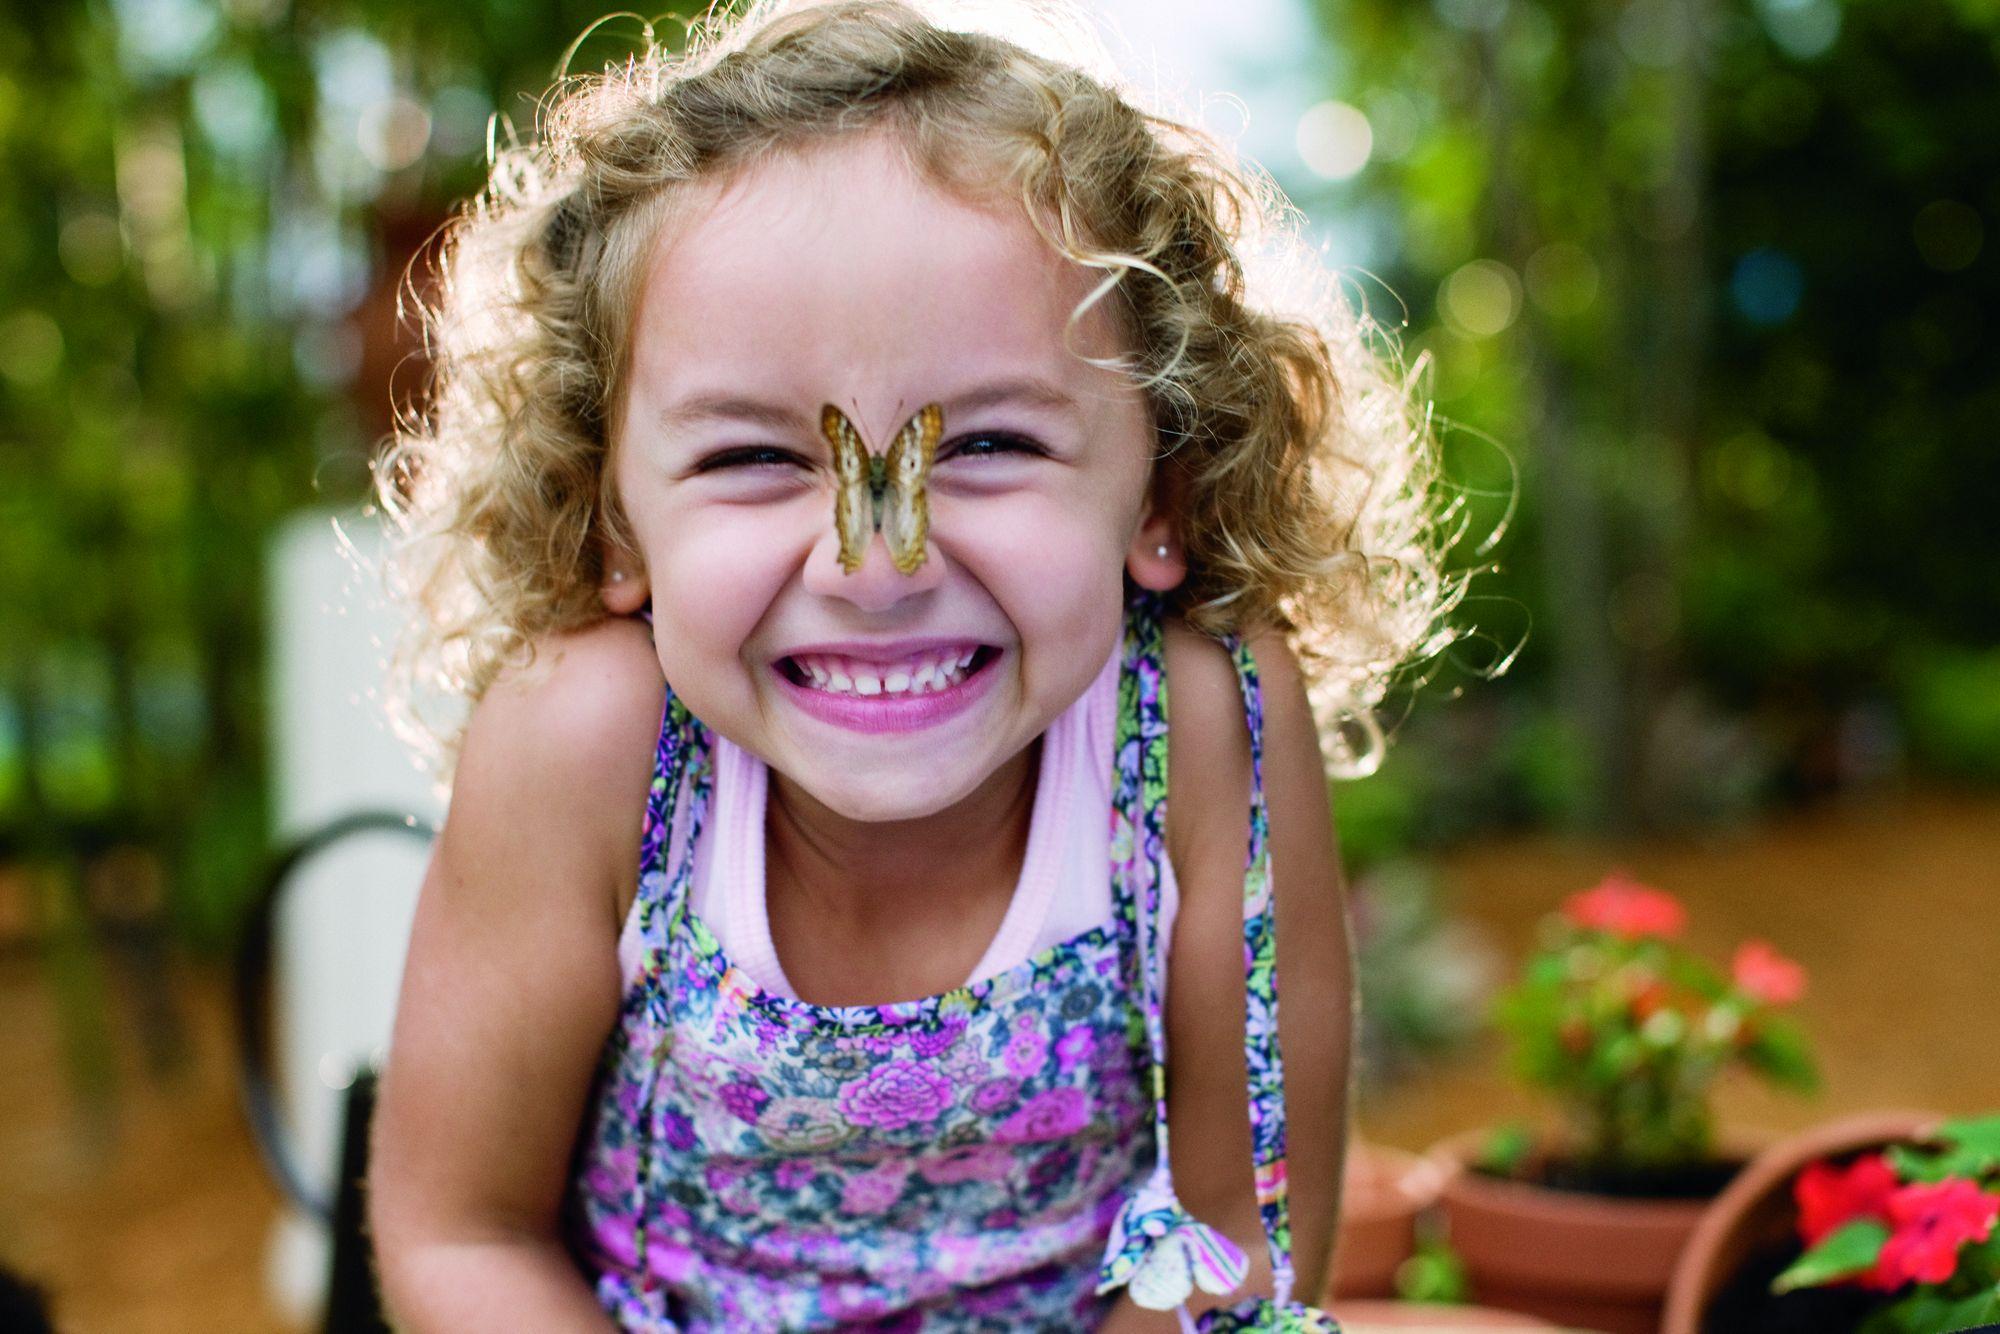 Image from http://www.ritzcarlton.com